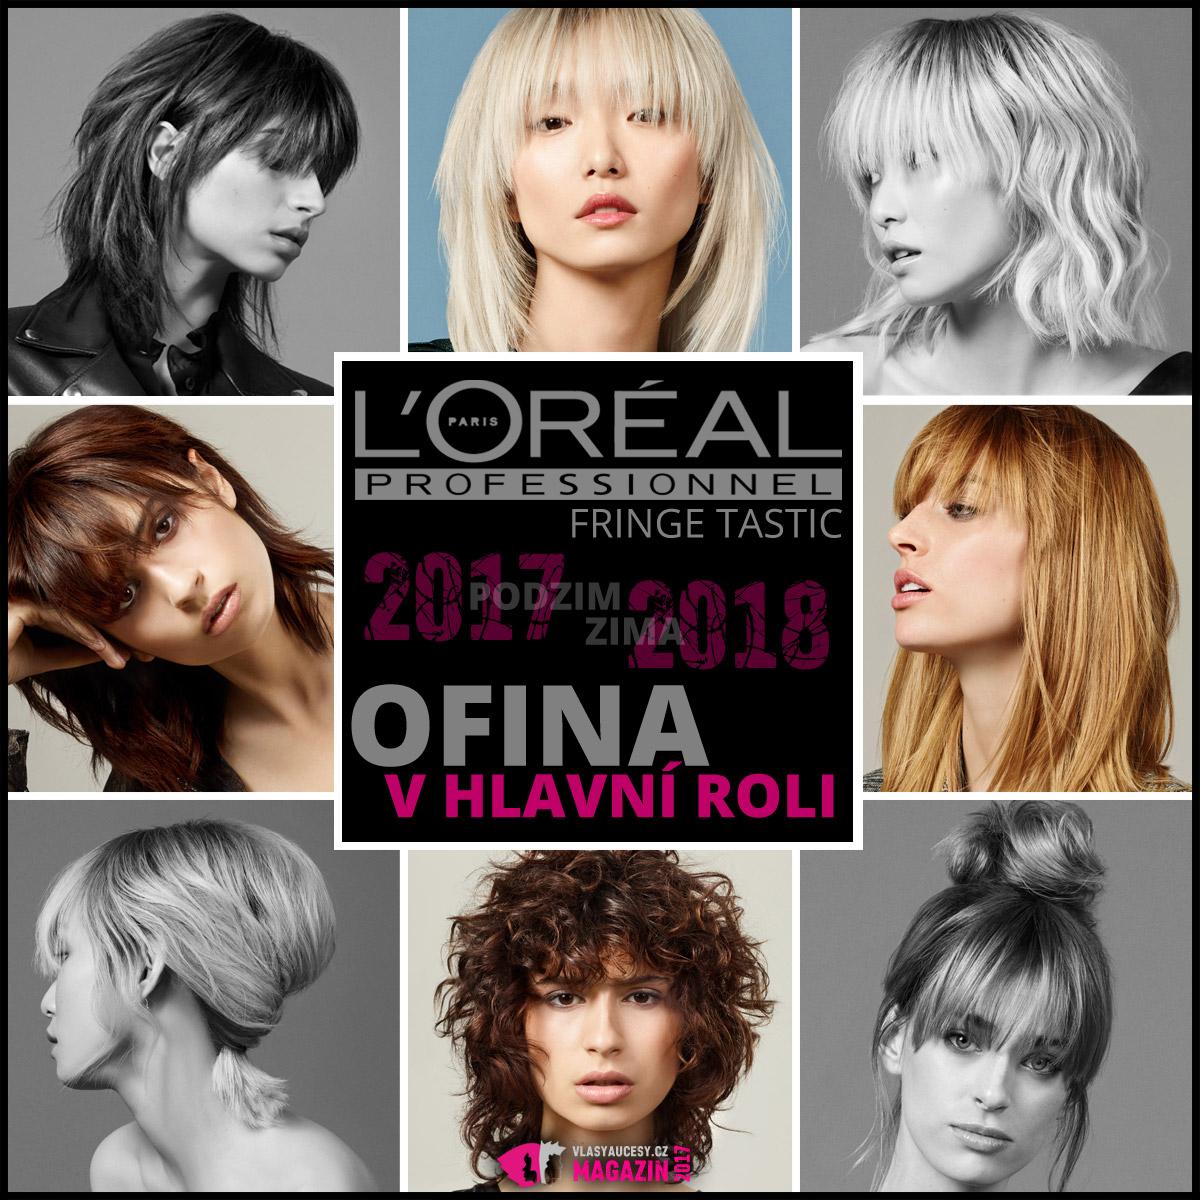 Mezinárodní kolekce s účesy L'Oréal Professionnel pro podzim/zima 2017/2018.